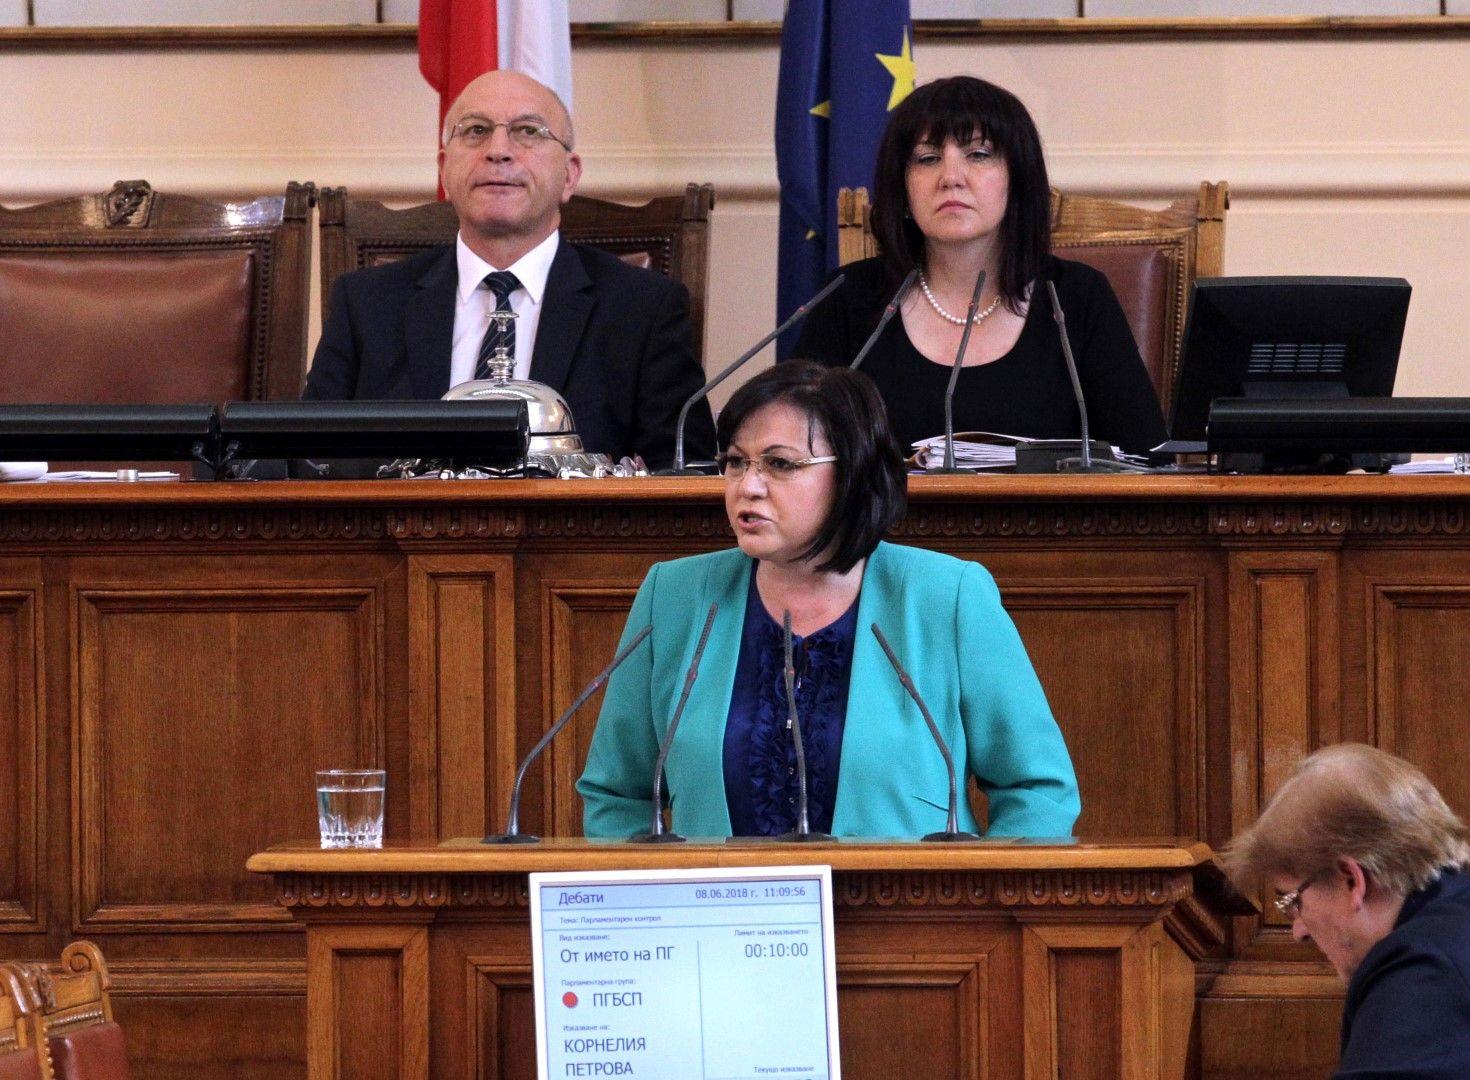 Няма такова чудо, премиерът да идва веднъж годишно в НС, заяви Корнелия Нинова